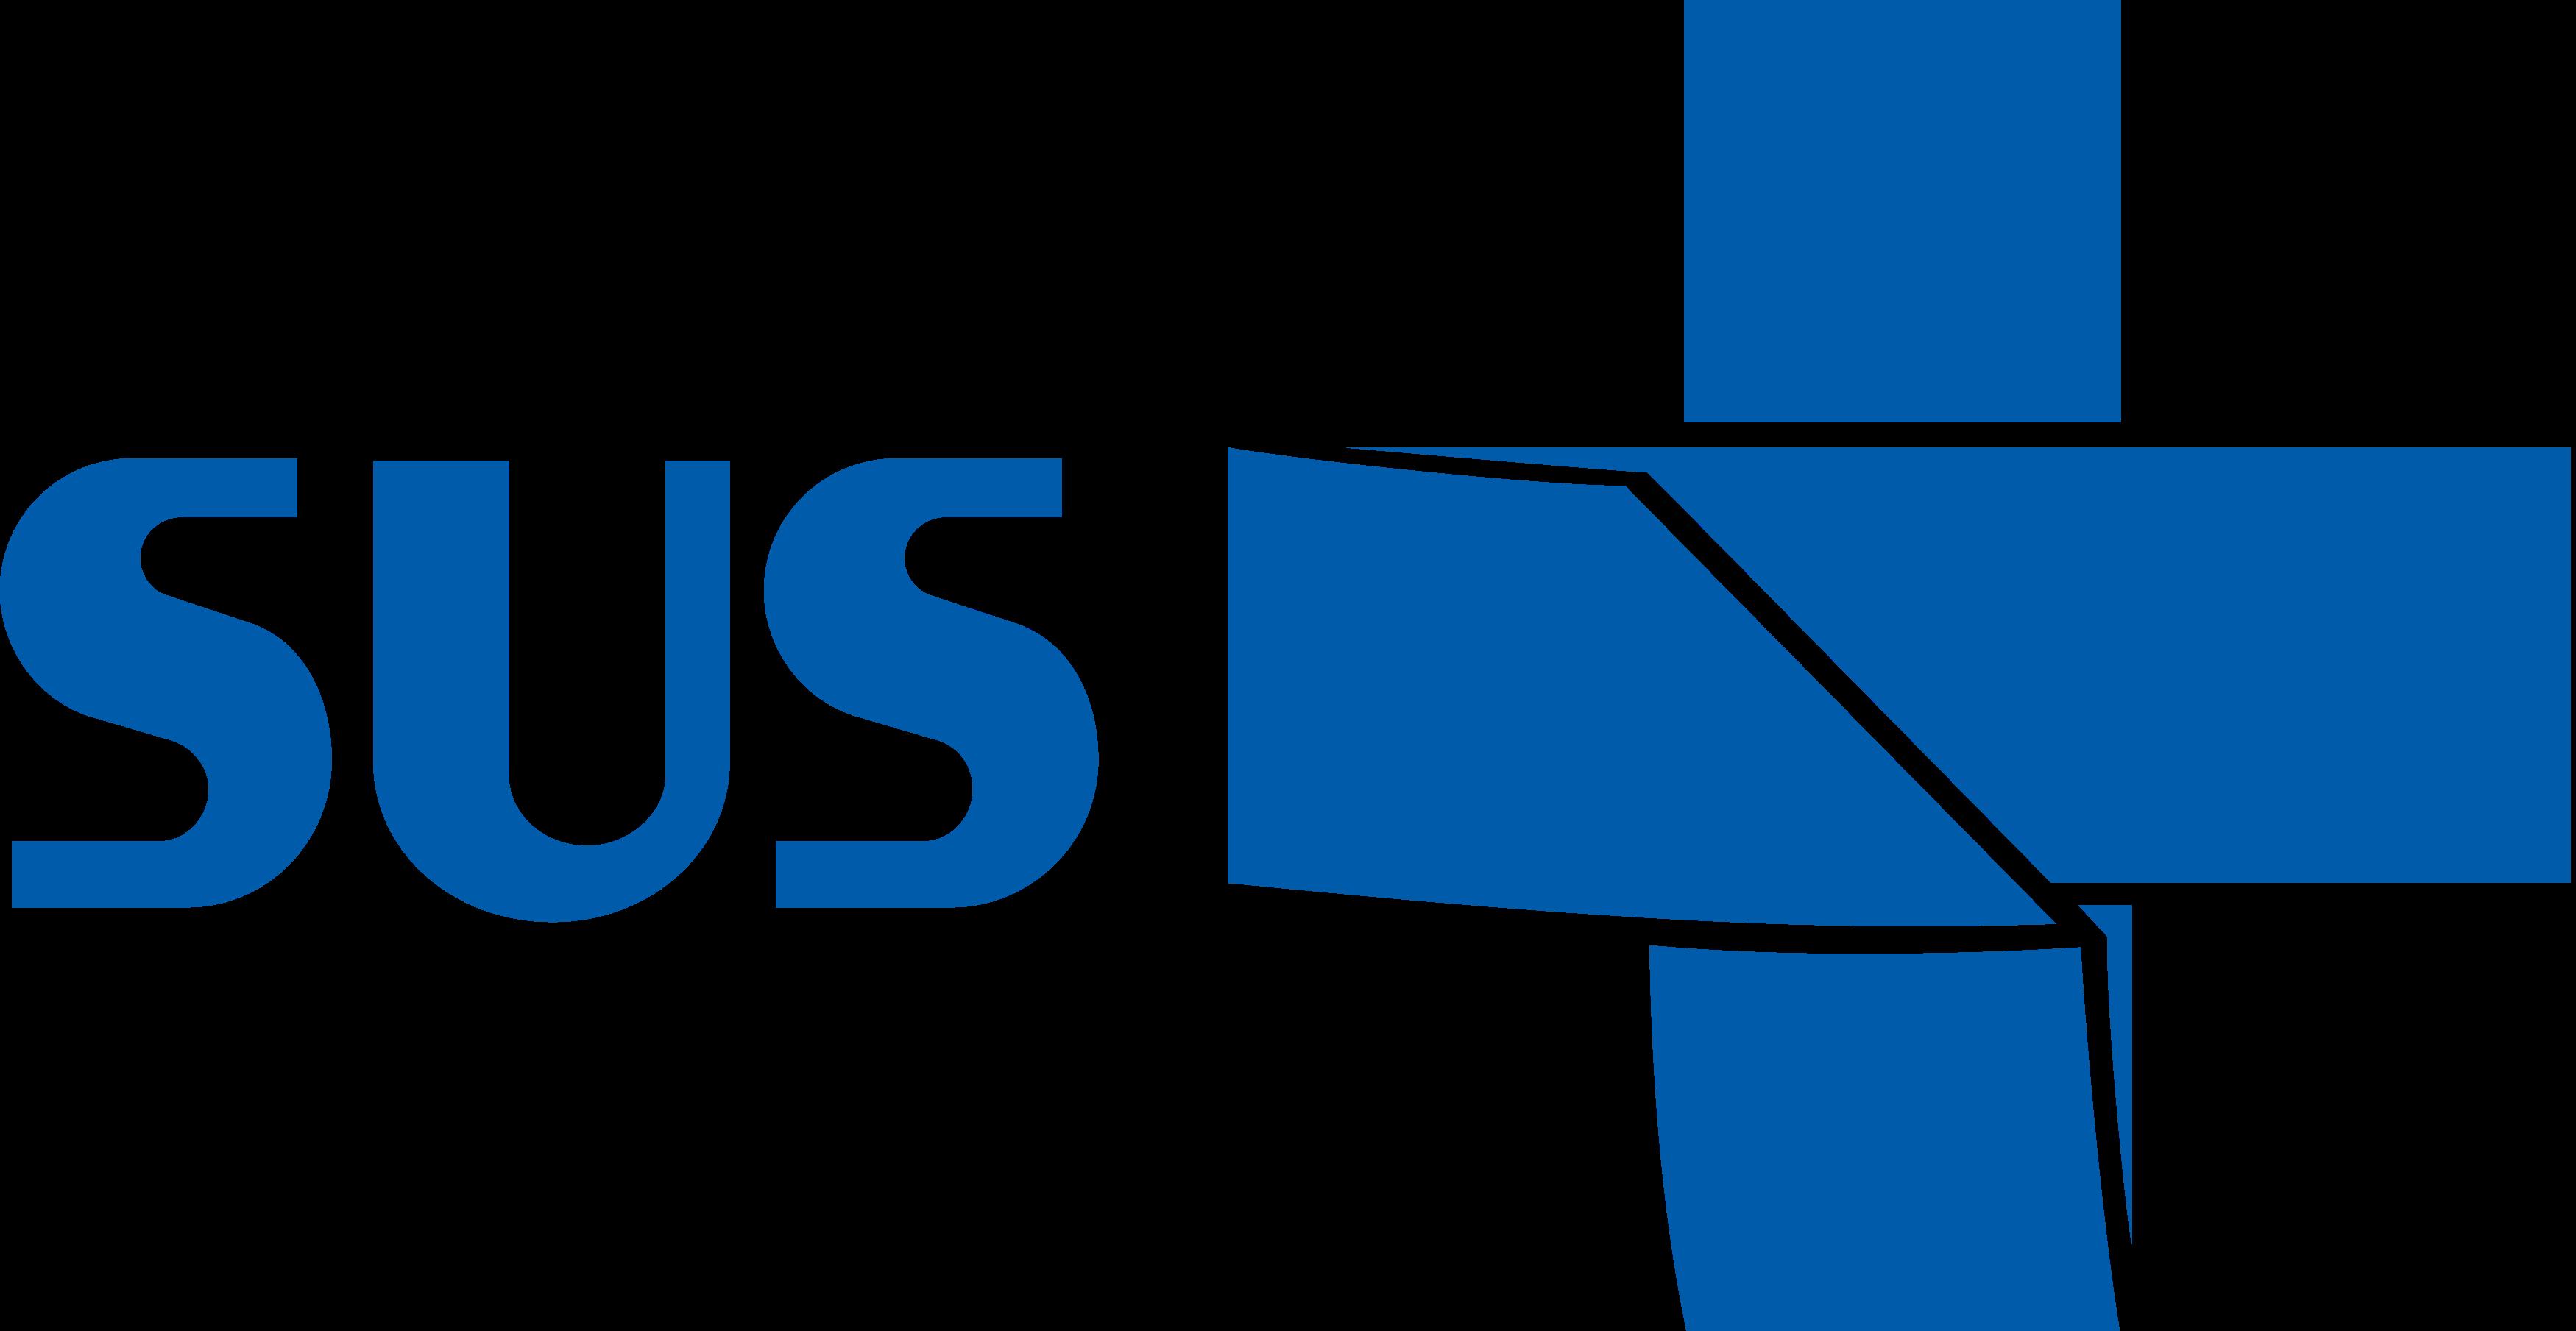 sus logo - SUS Logo - Sistema Único de Saúde Logo